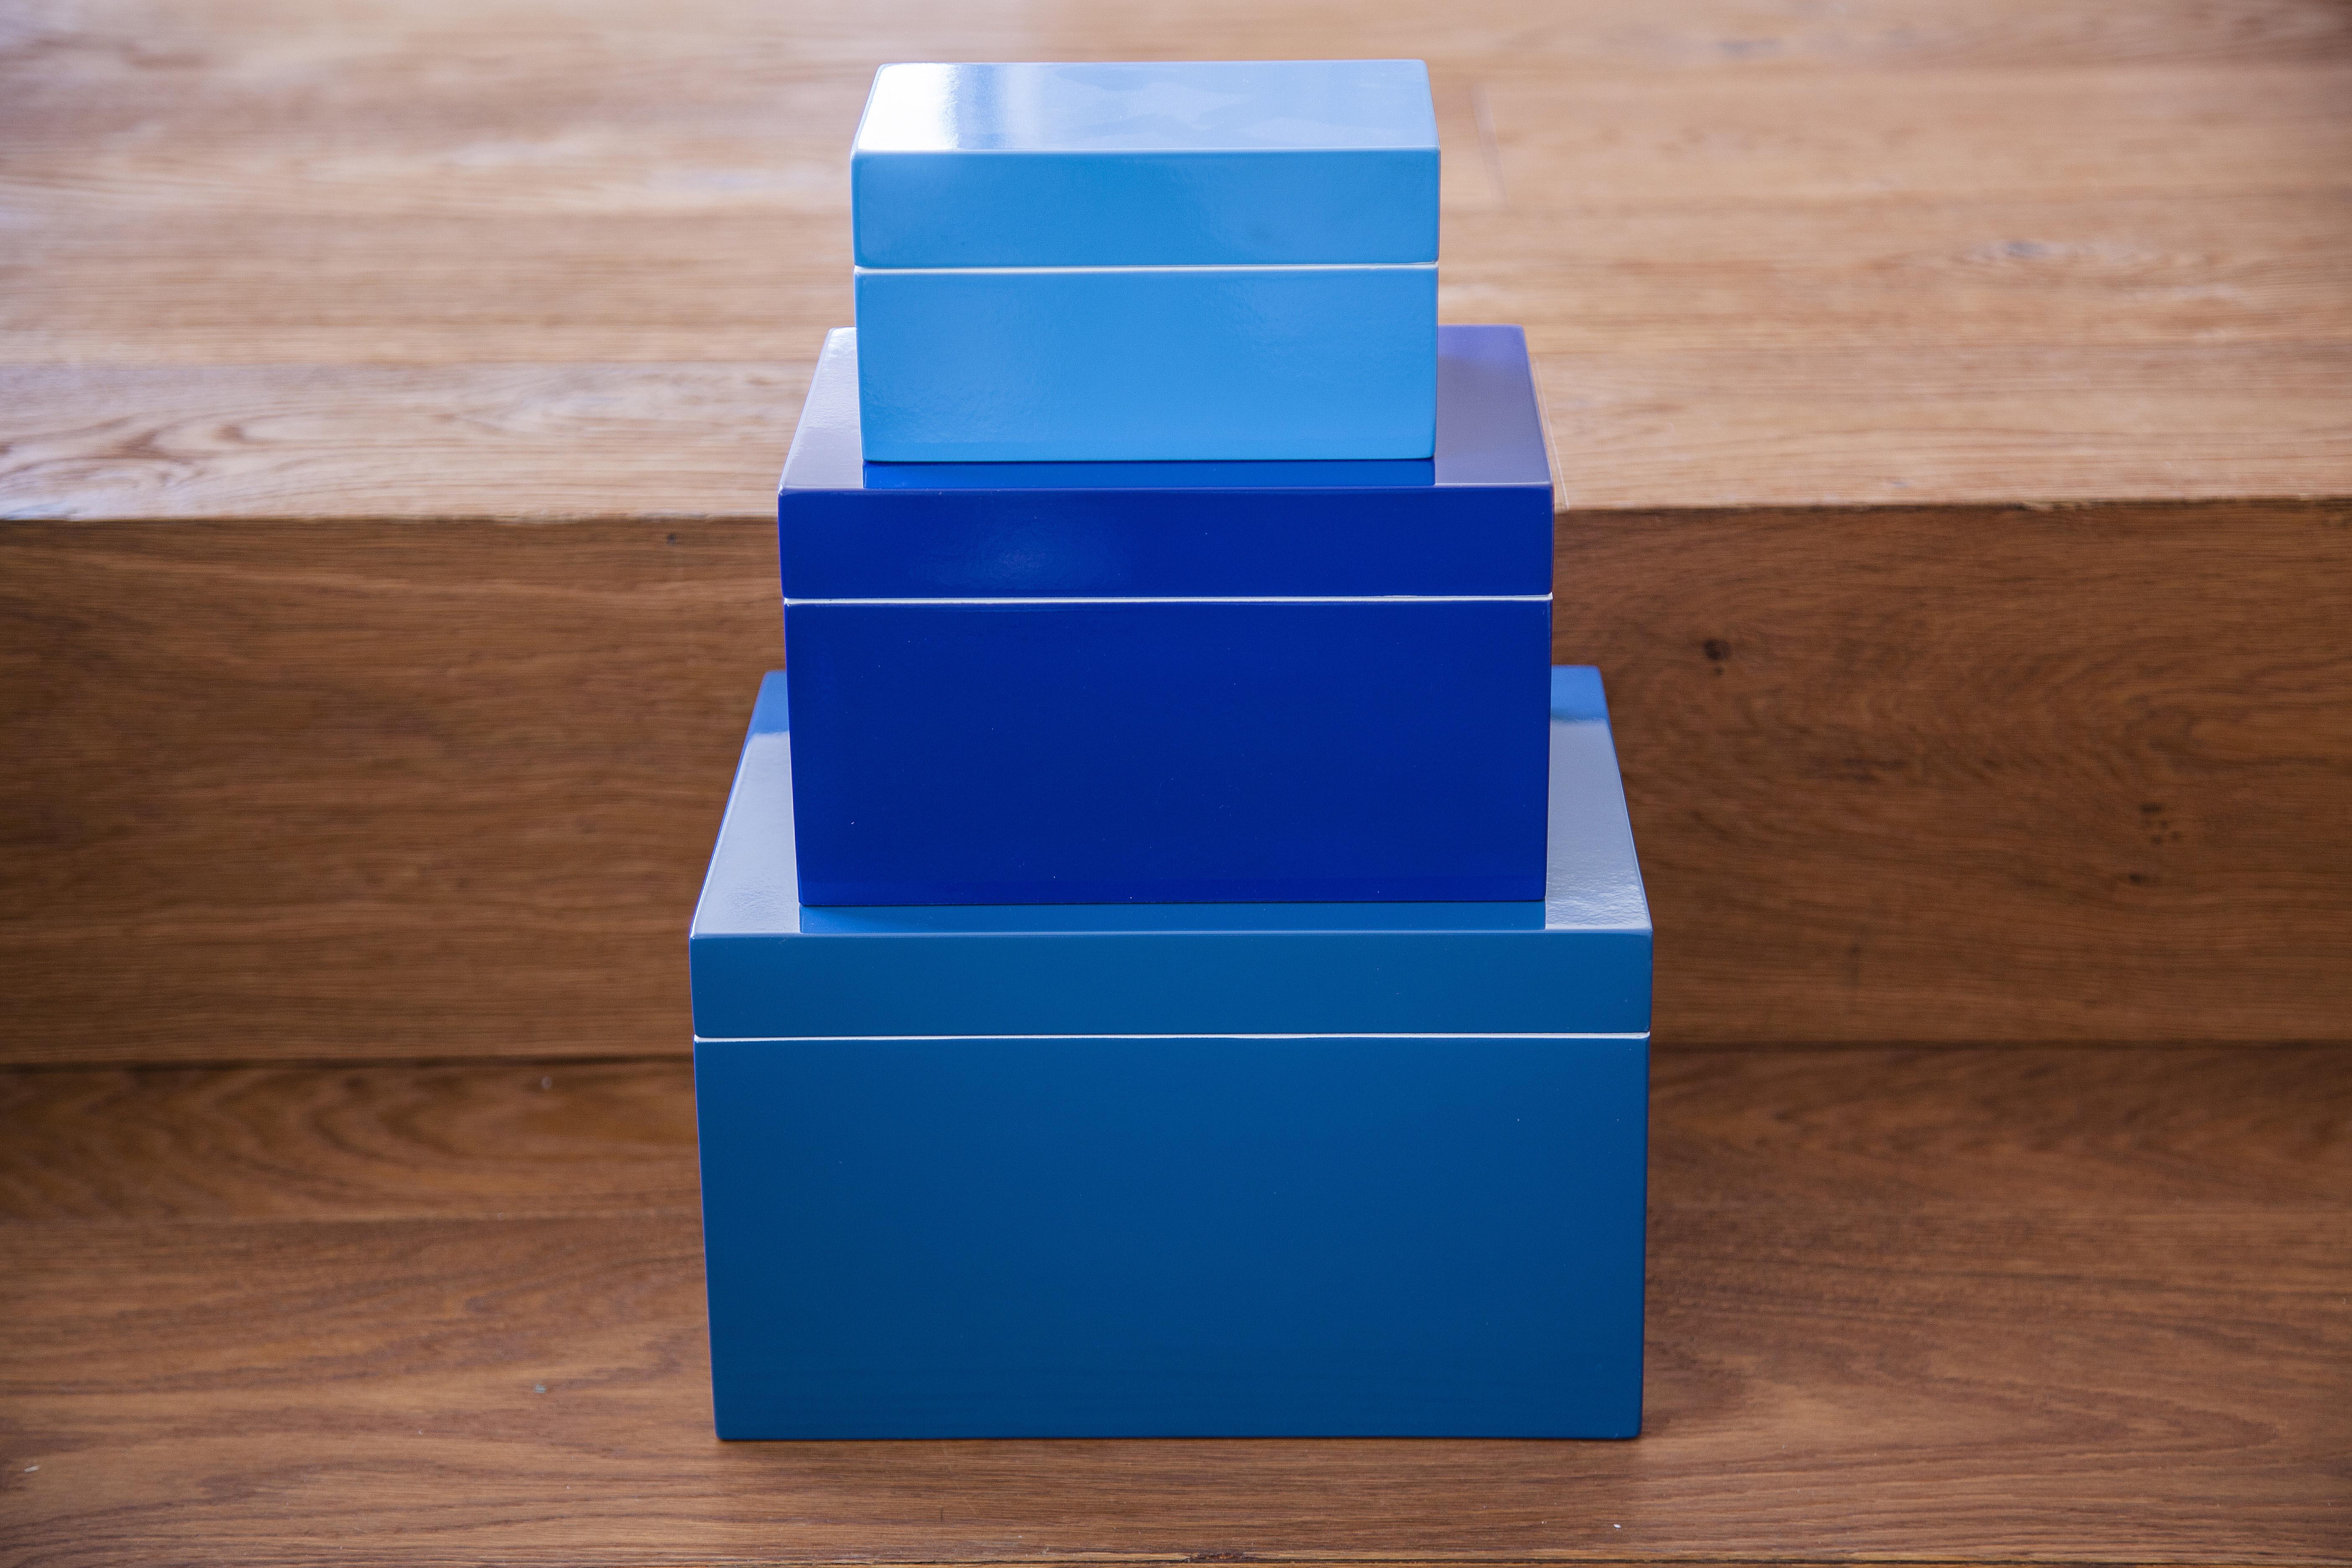 Lackboxen Blautöne - einzeln oder als Set ab 19 €